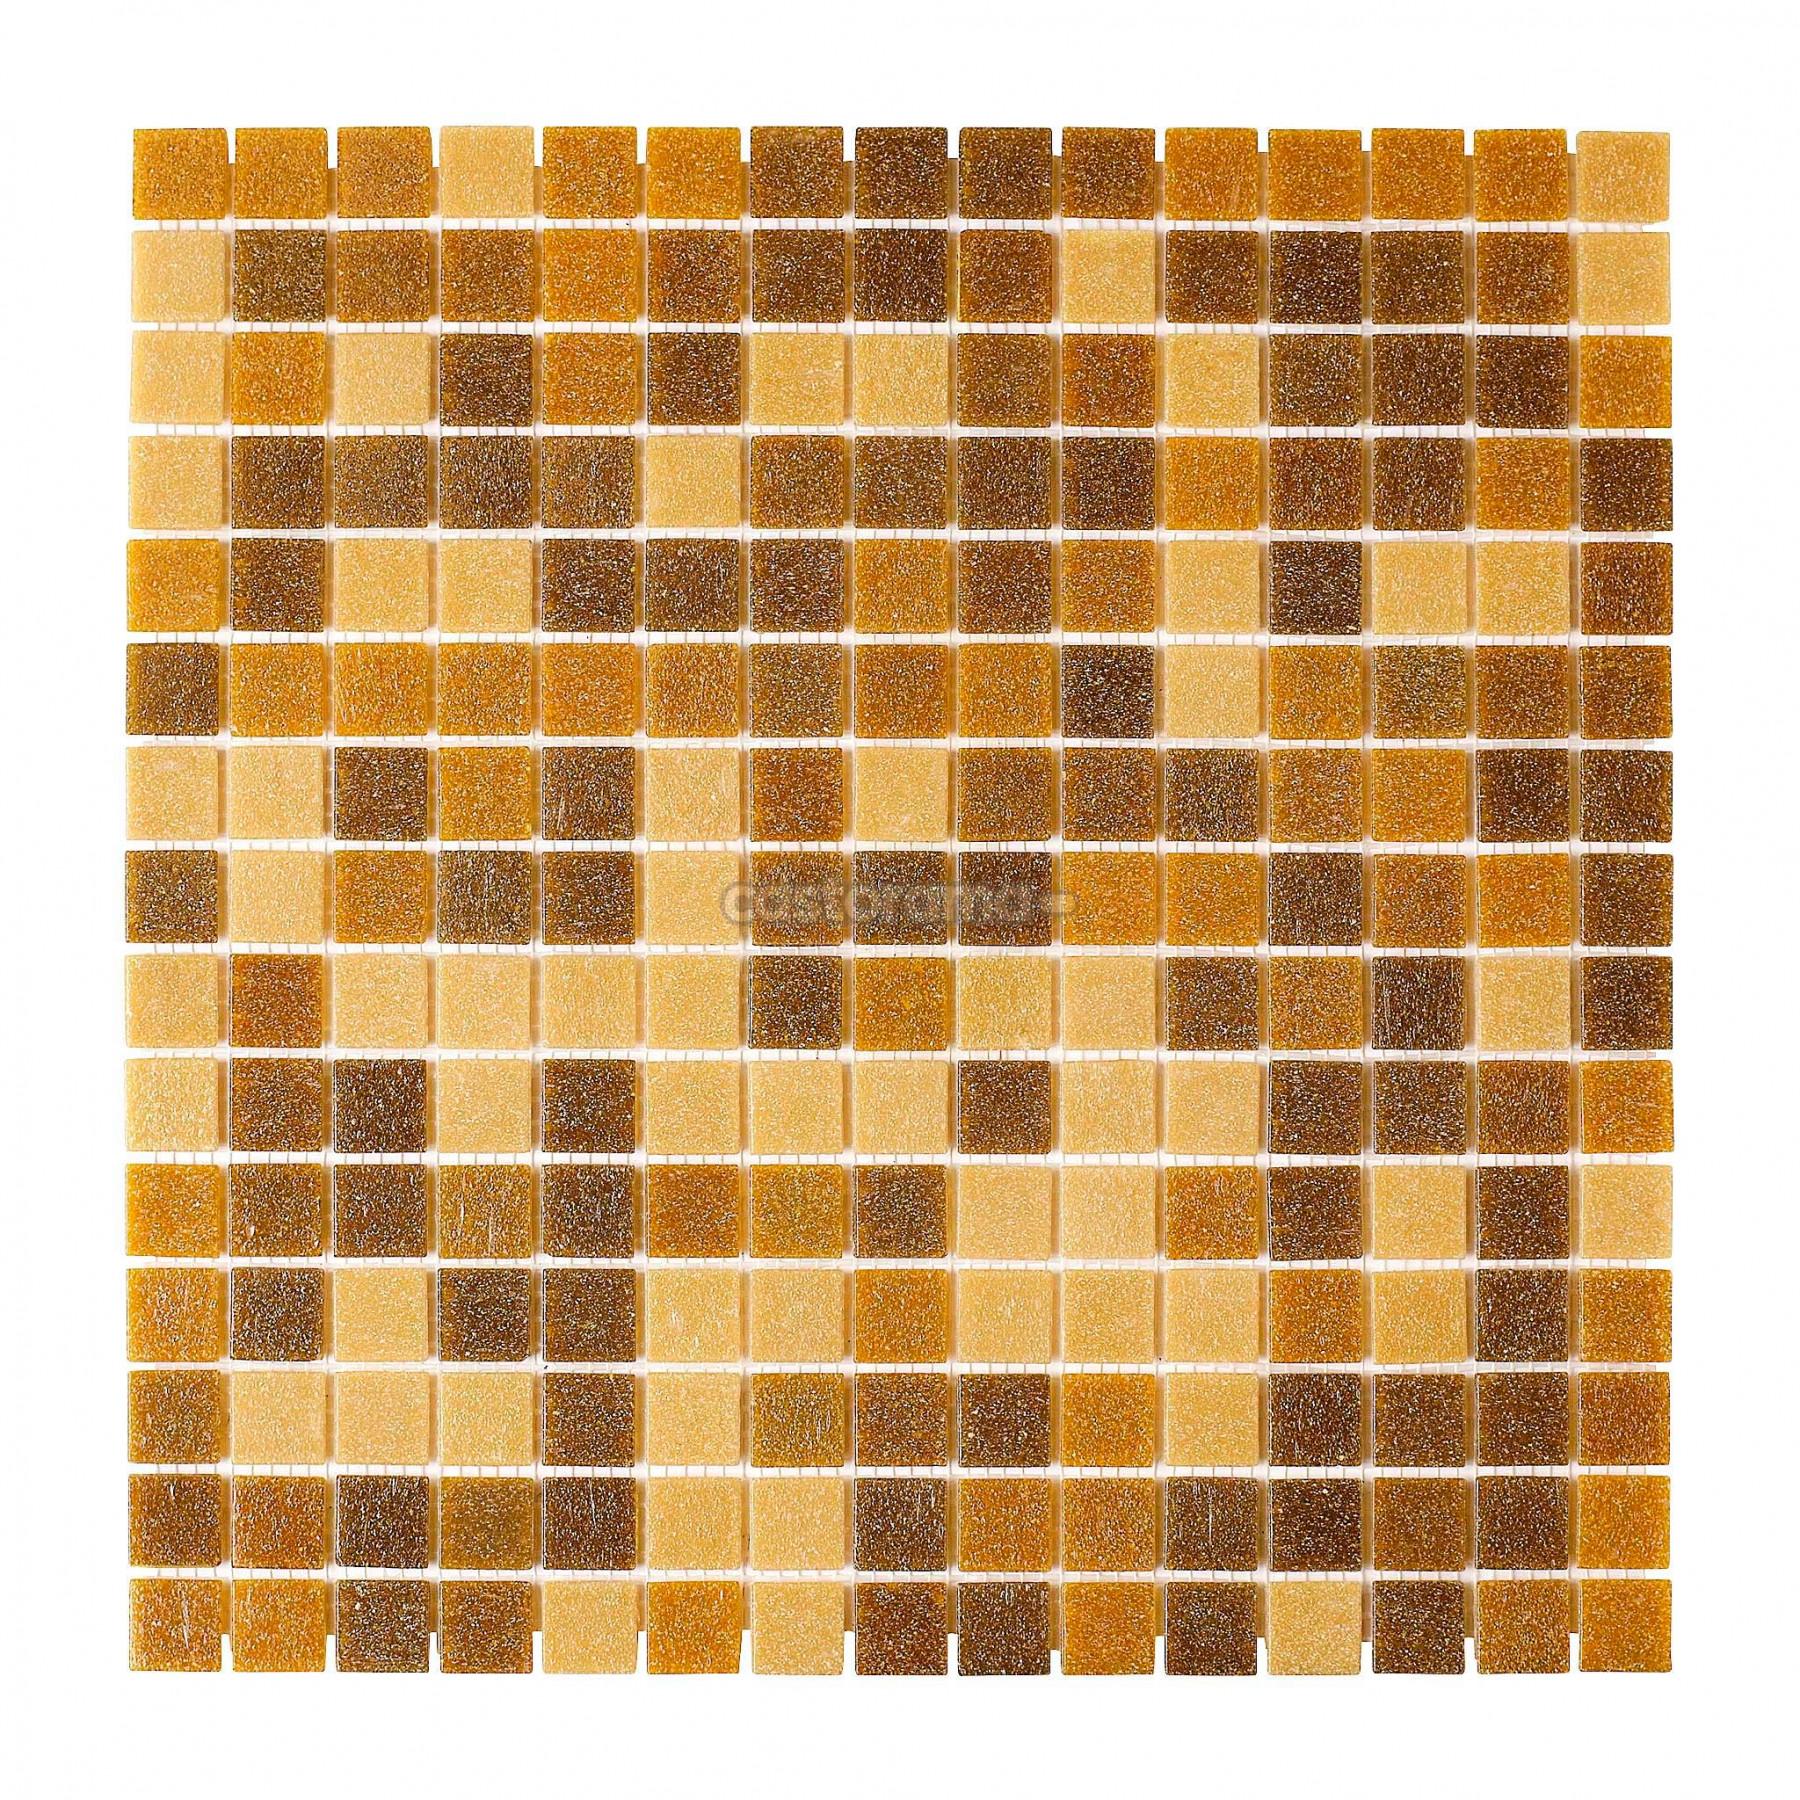 Деревянная мозаика: примеры использования в интерьере